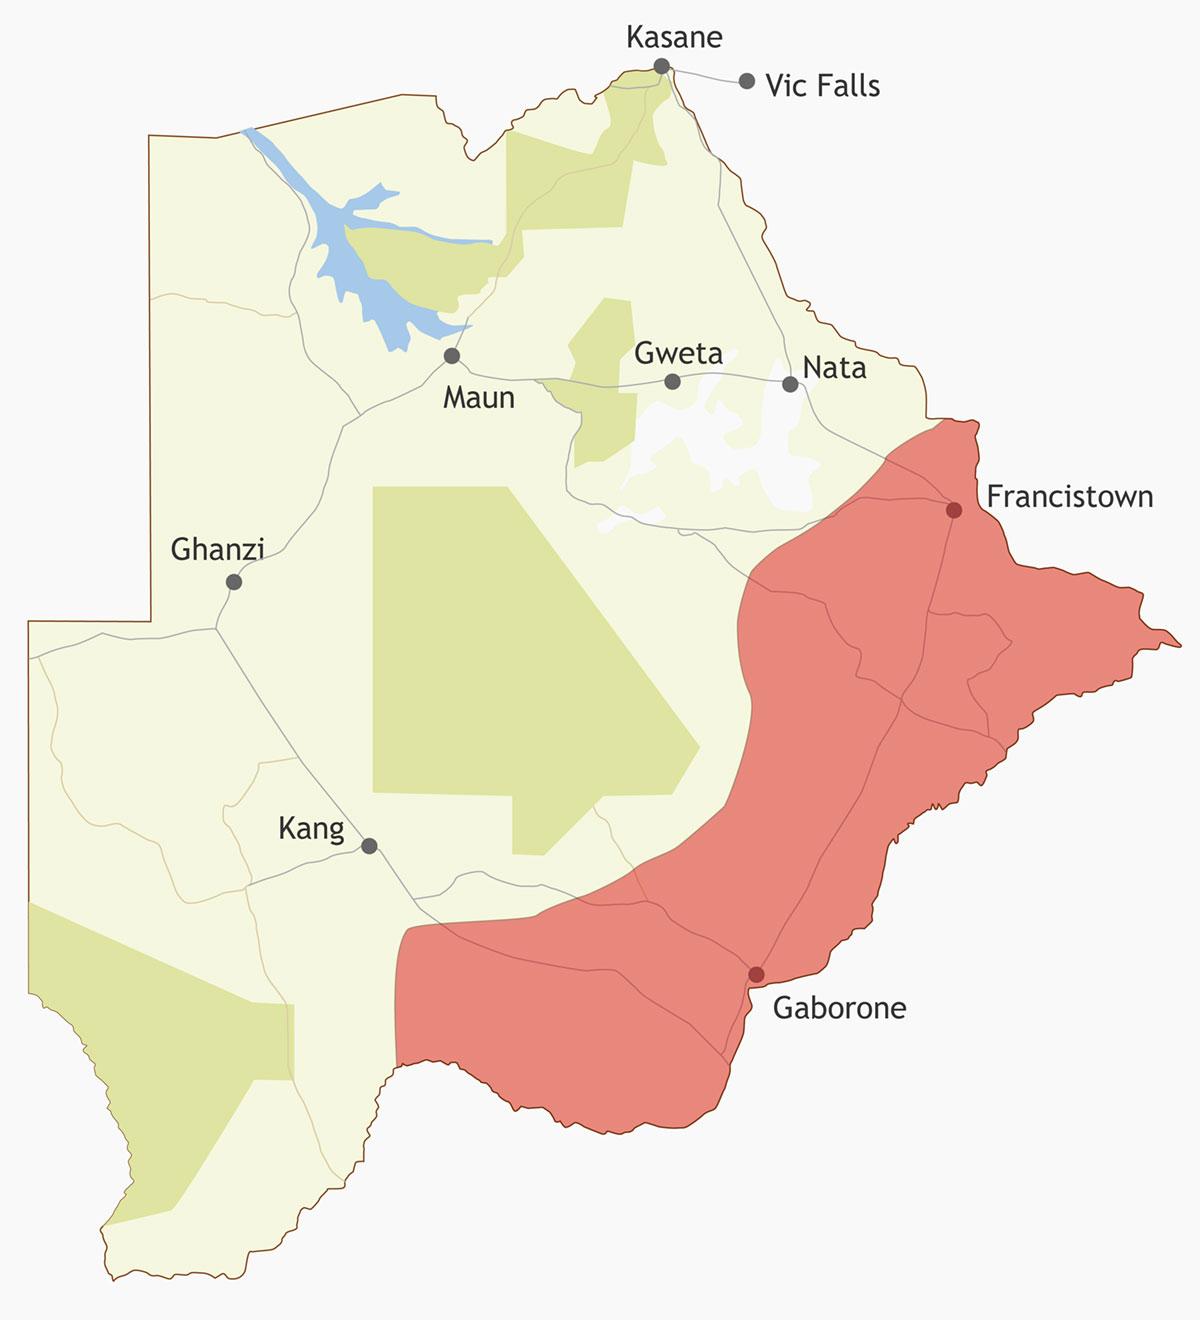 Eastern Botswana region - Accommodation, activities and ... on orapa map, algiers map, sejong city map, phakalane map, lagos map, nairobi map, bujumbura map, juba map, lobamba map, chiredzi map, kanye map, lilongwe map, botswana map, sowa map, johannesburg map, goba map, windhoek map, marondera map, kinshasa map, mogadishu map,